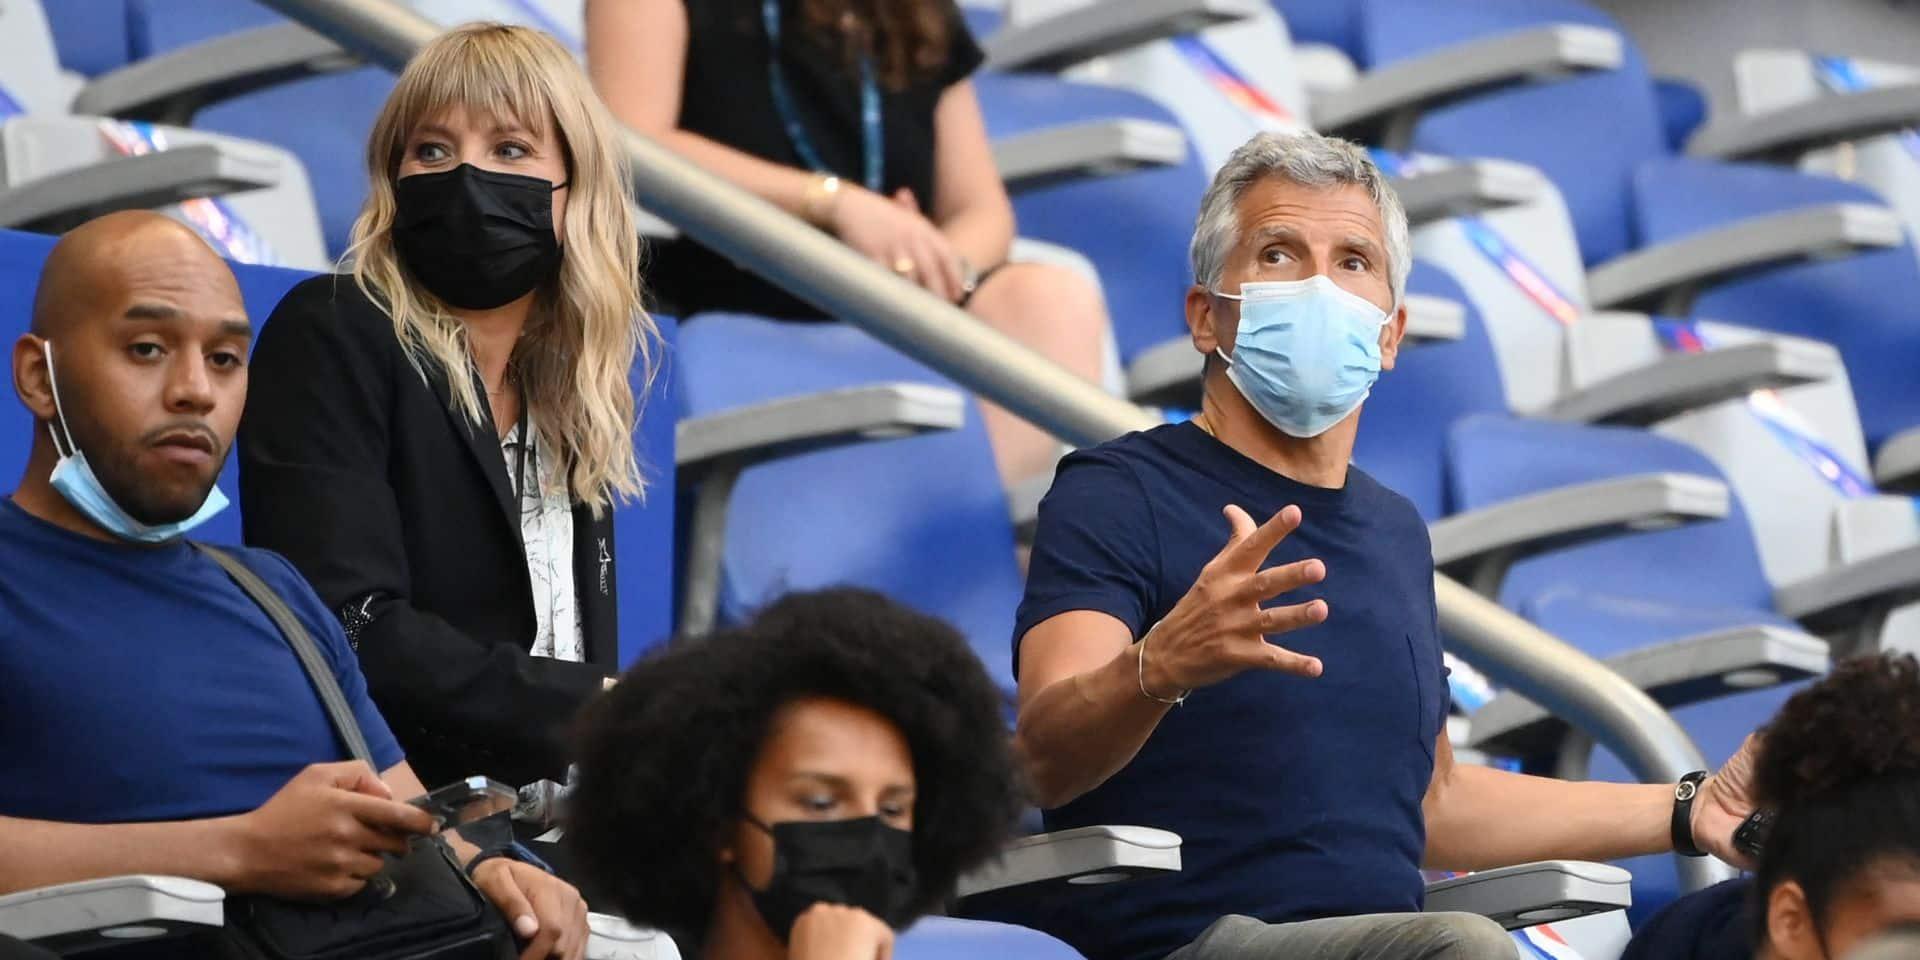 """""""Il aime se faire voir"""", """"Et l'empreinte carbone ? Effacée ?"""" : Nagui taclé par les internautes après le match de la France"""